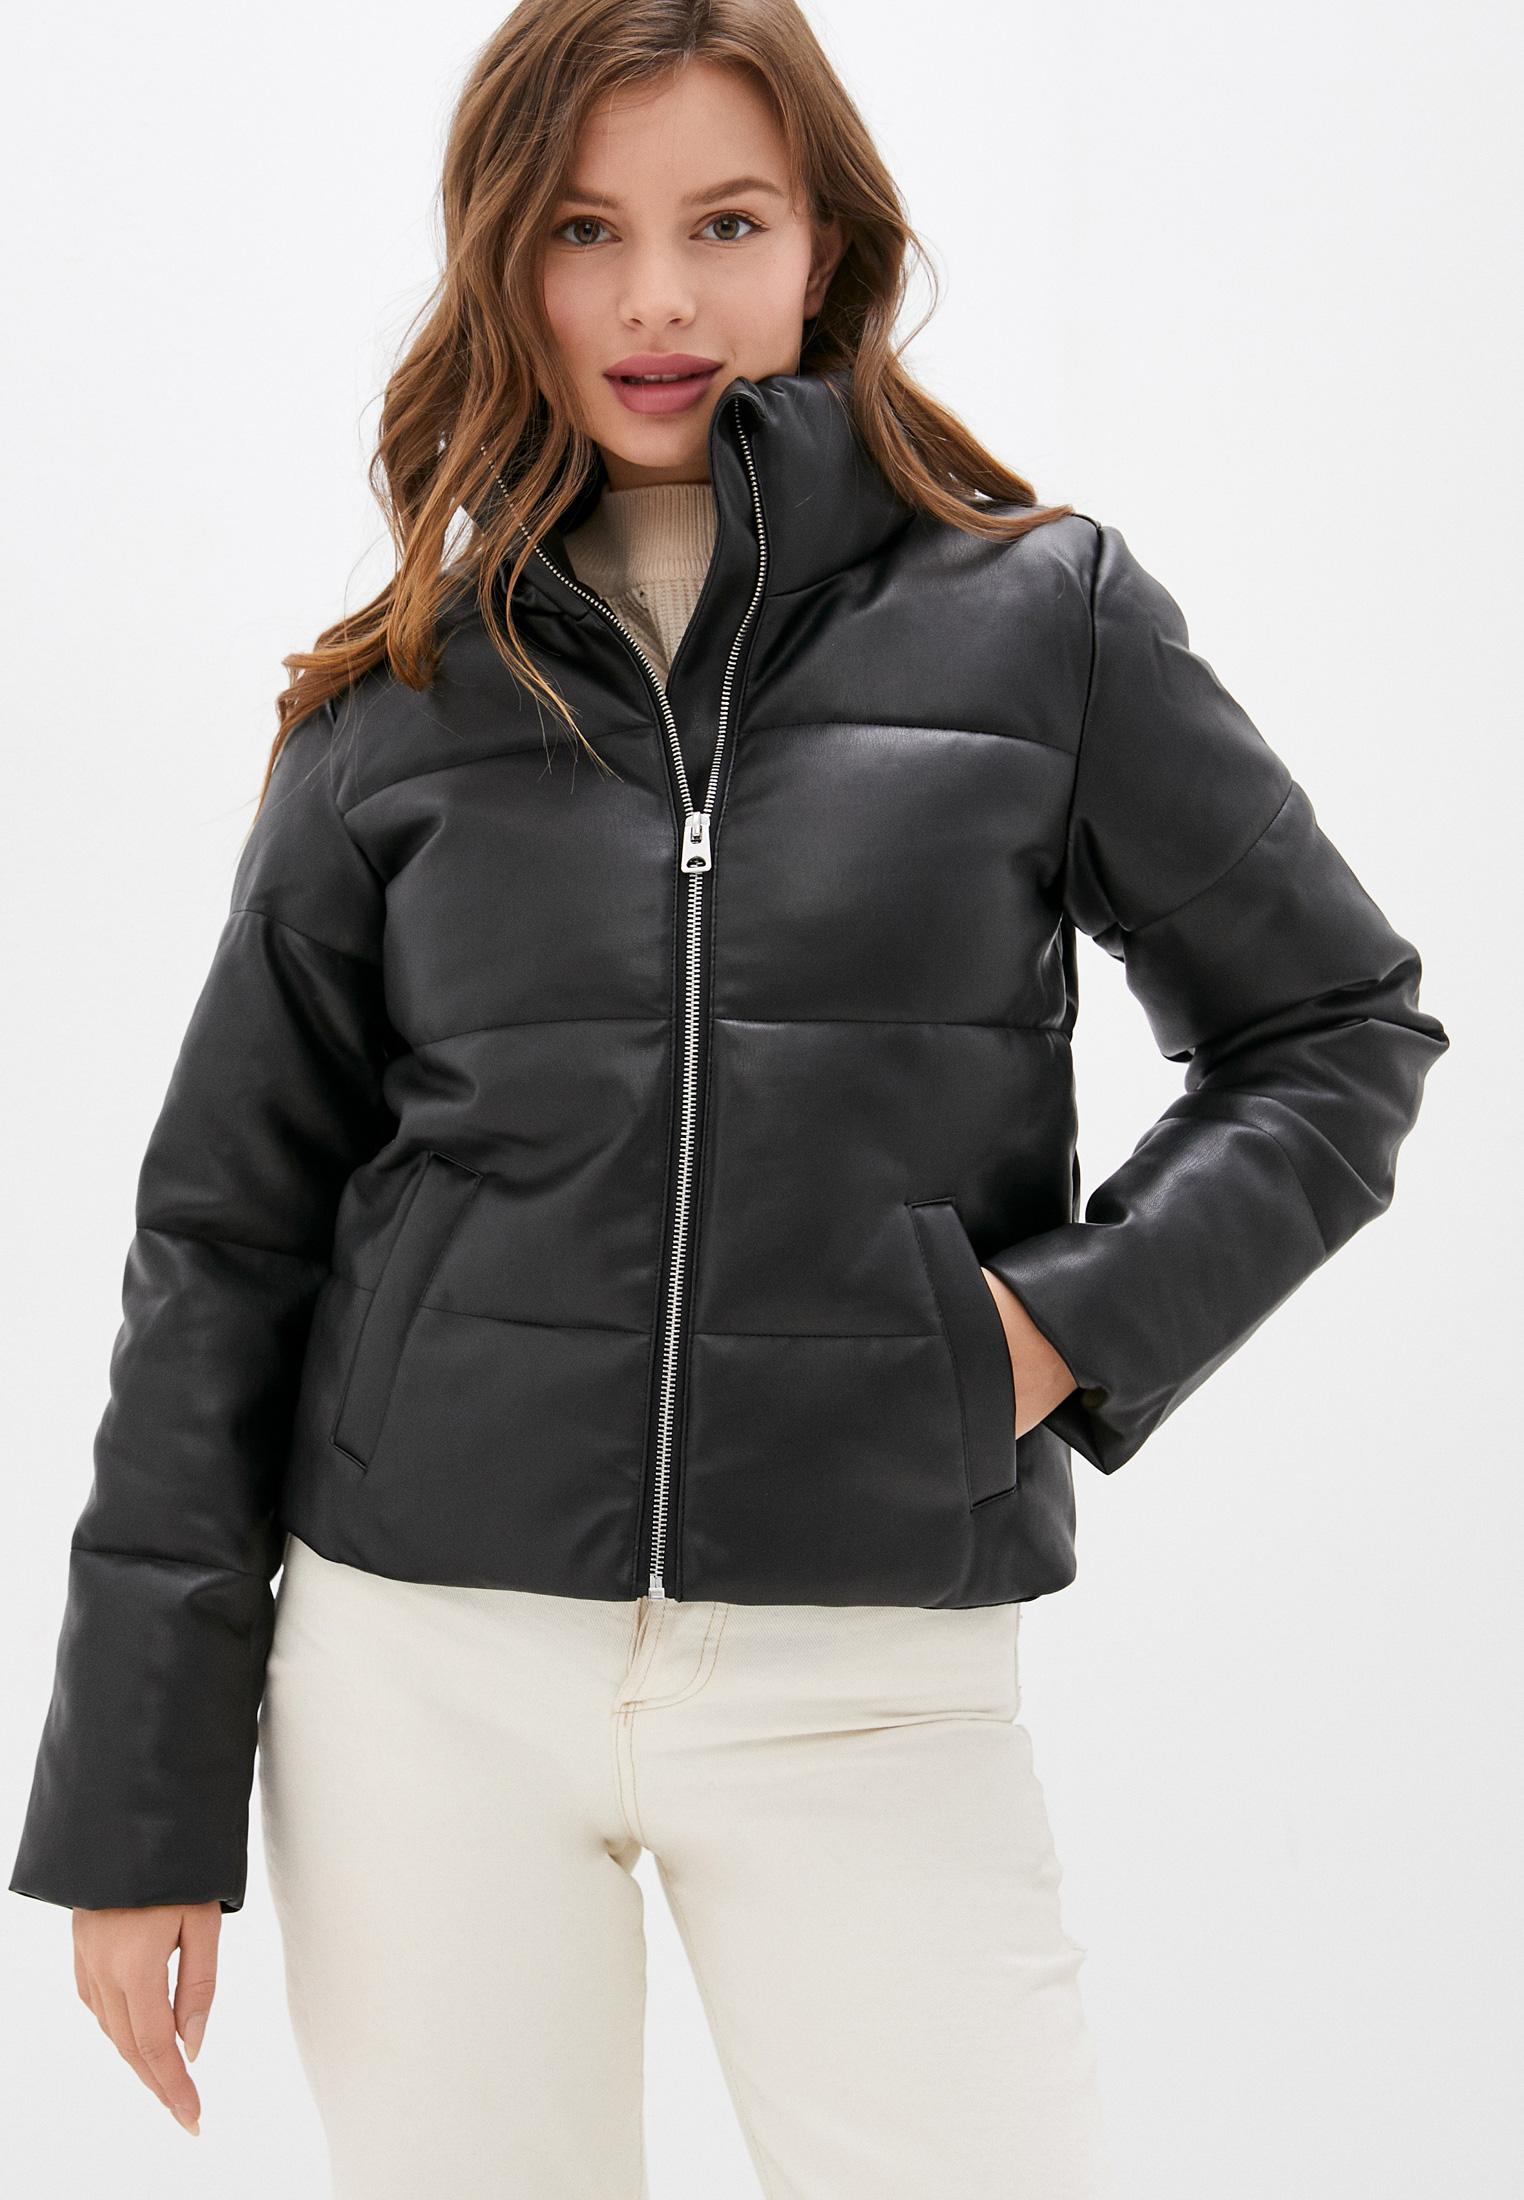 Кожаная куртка JDY Куртка кожаная JDY